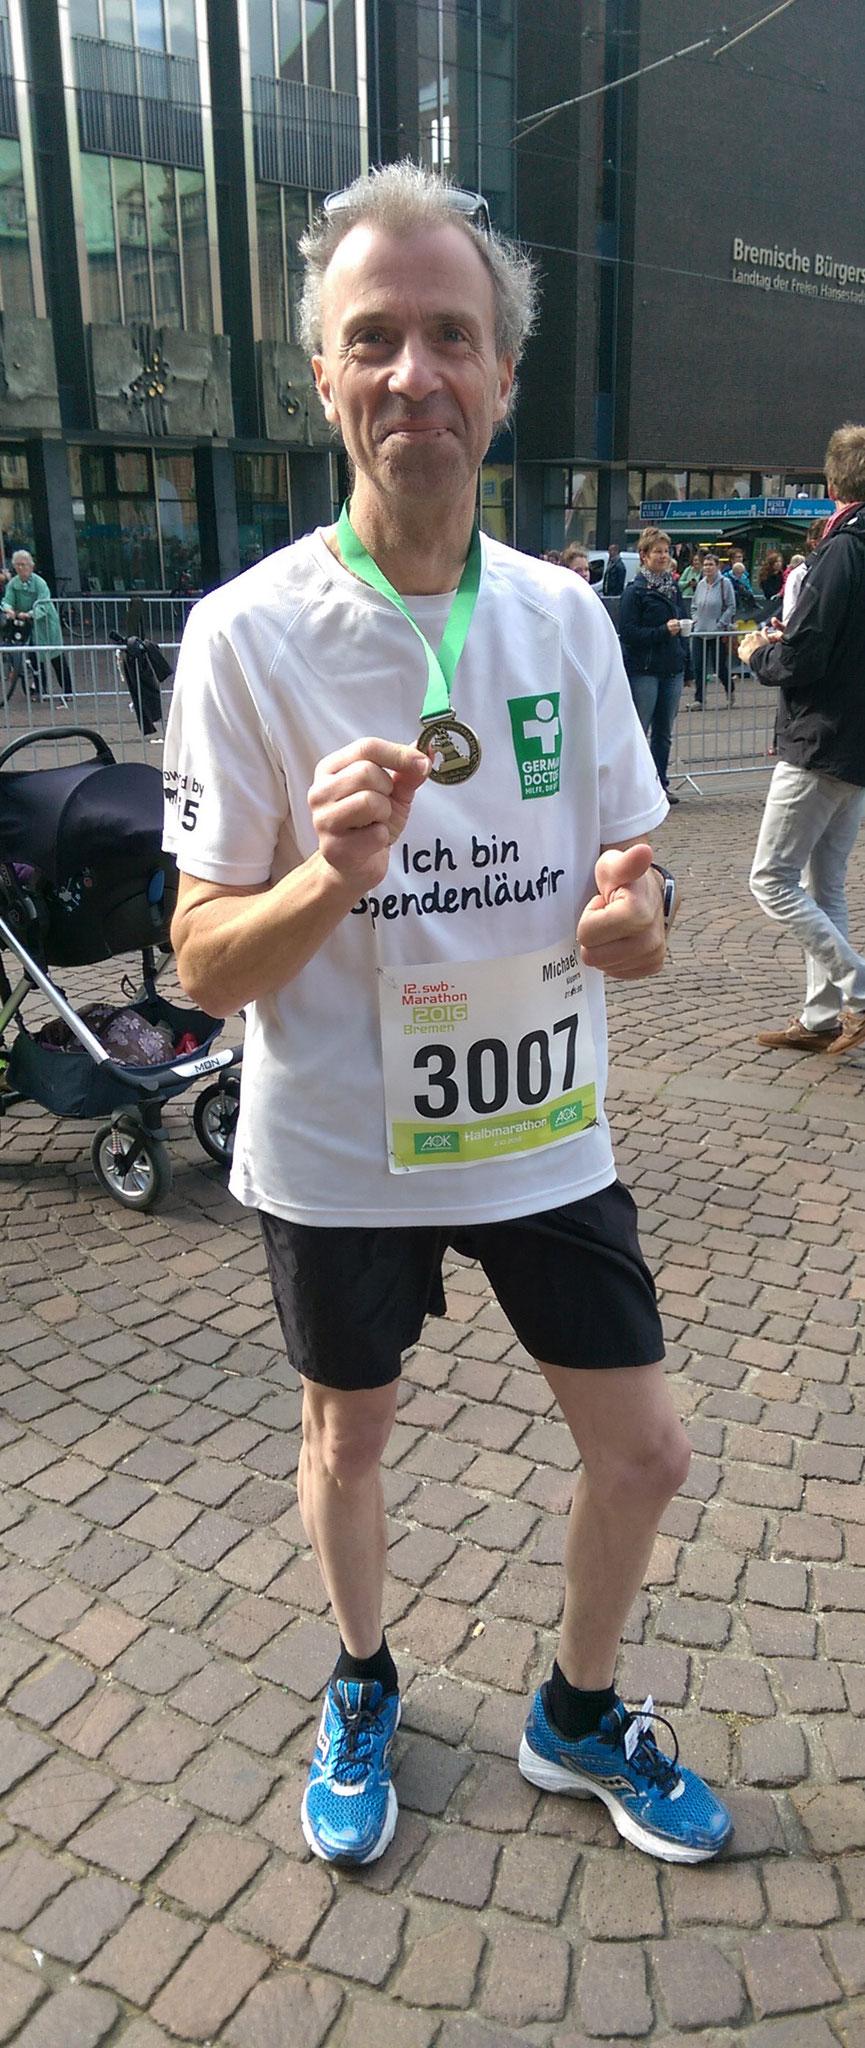 bremen-marathon 2016, Road to 20, teil 2